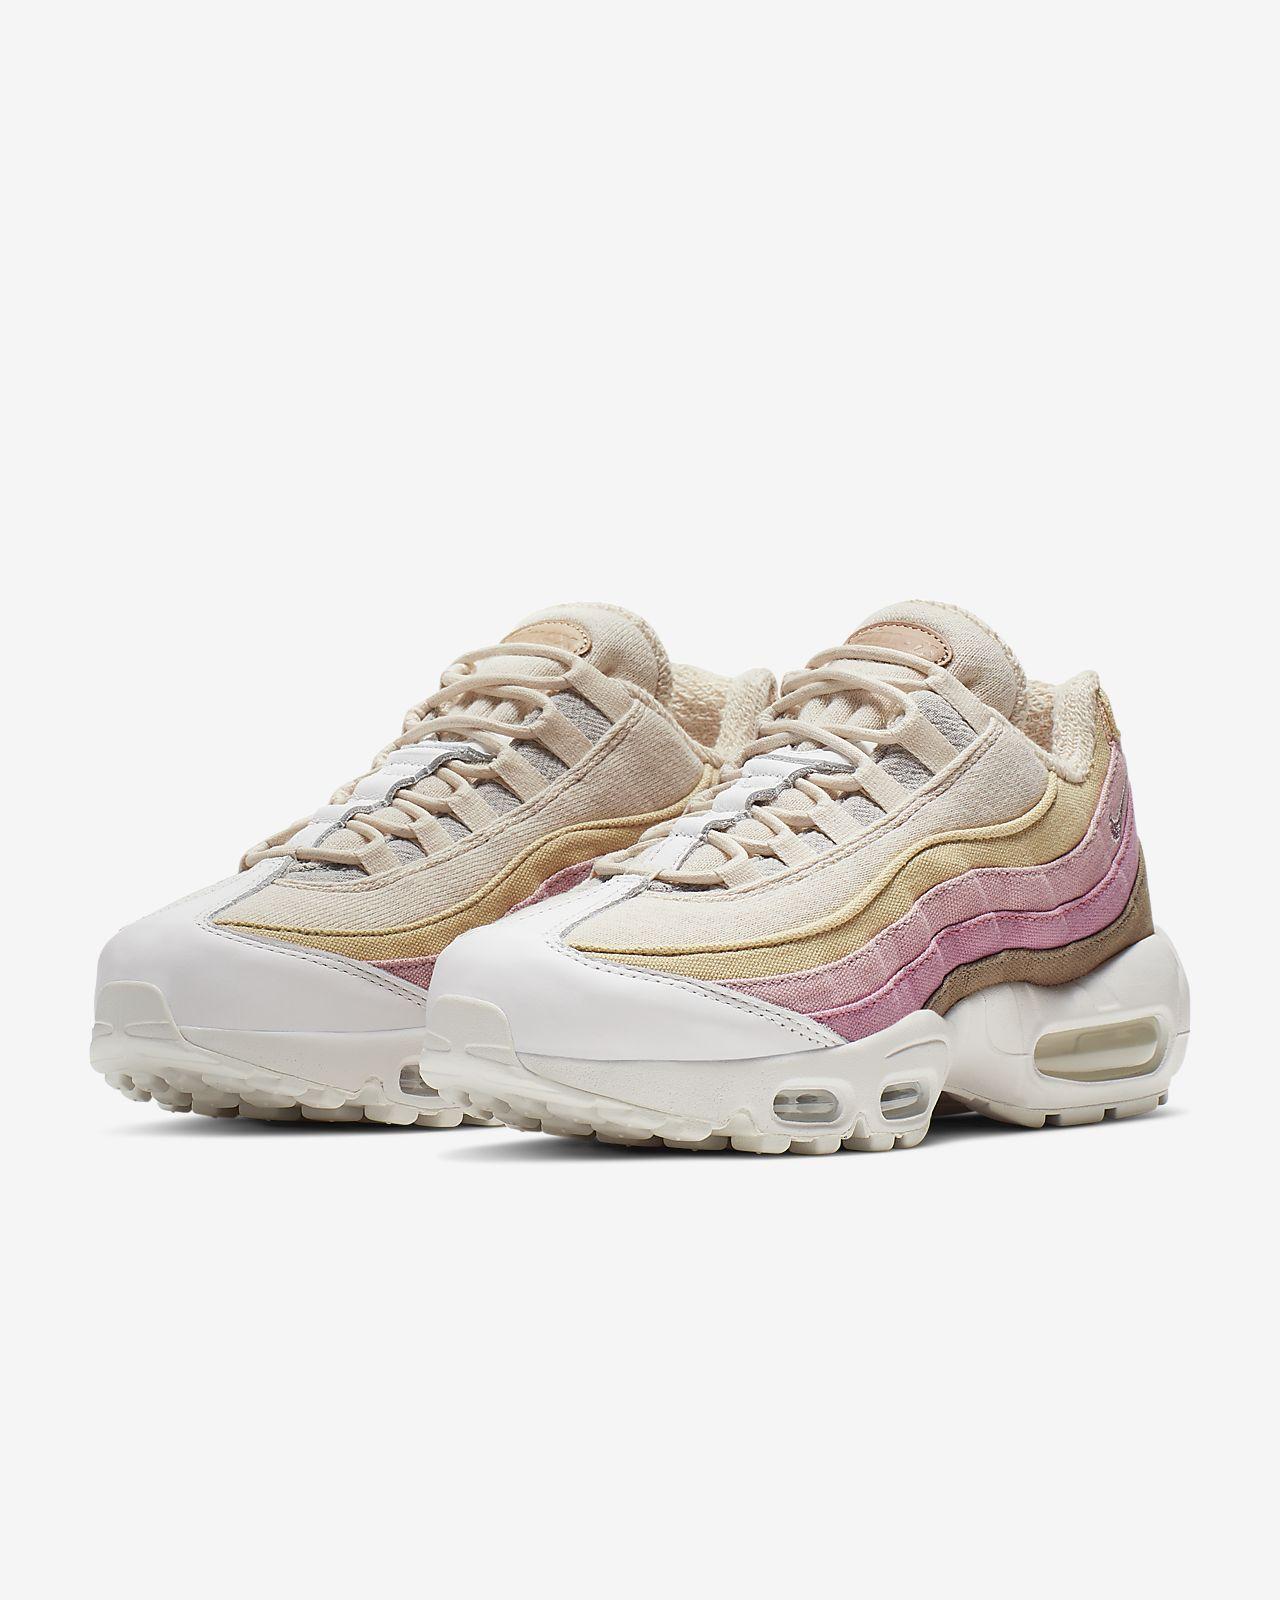 Nike Air Max 95 QS Women's Shoe